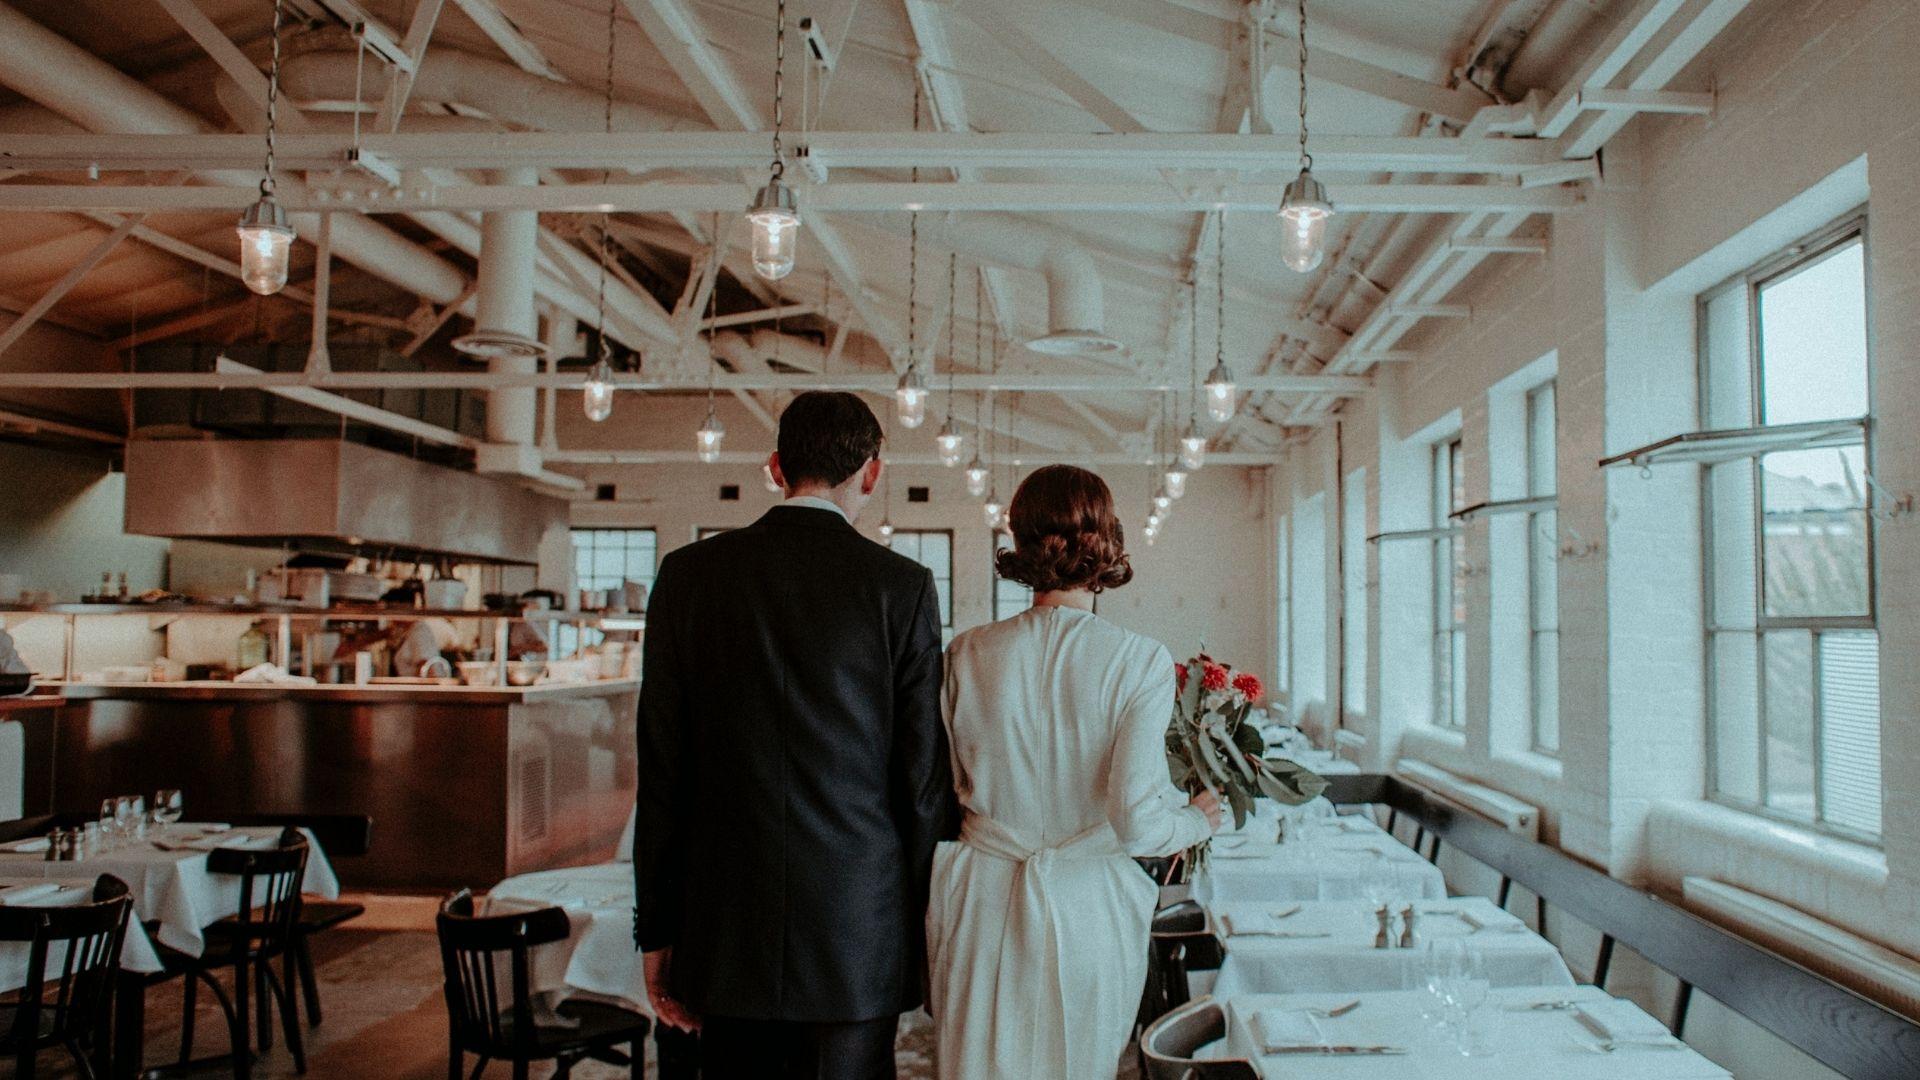 Les mariés avancent dans un restaurant à Châlons-en-Champagne